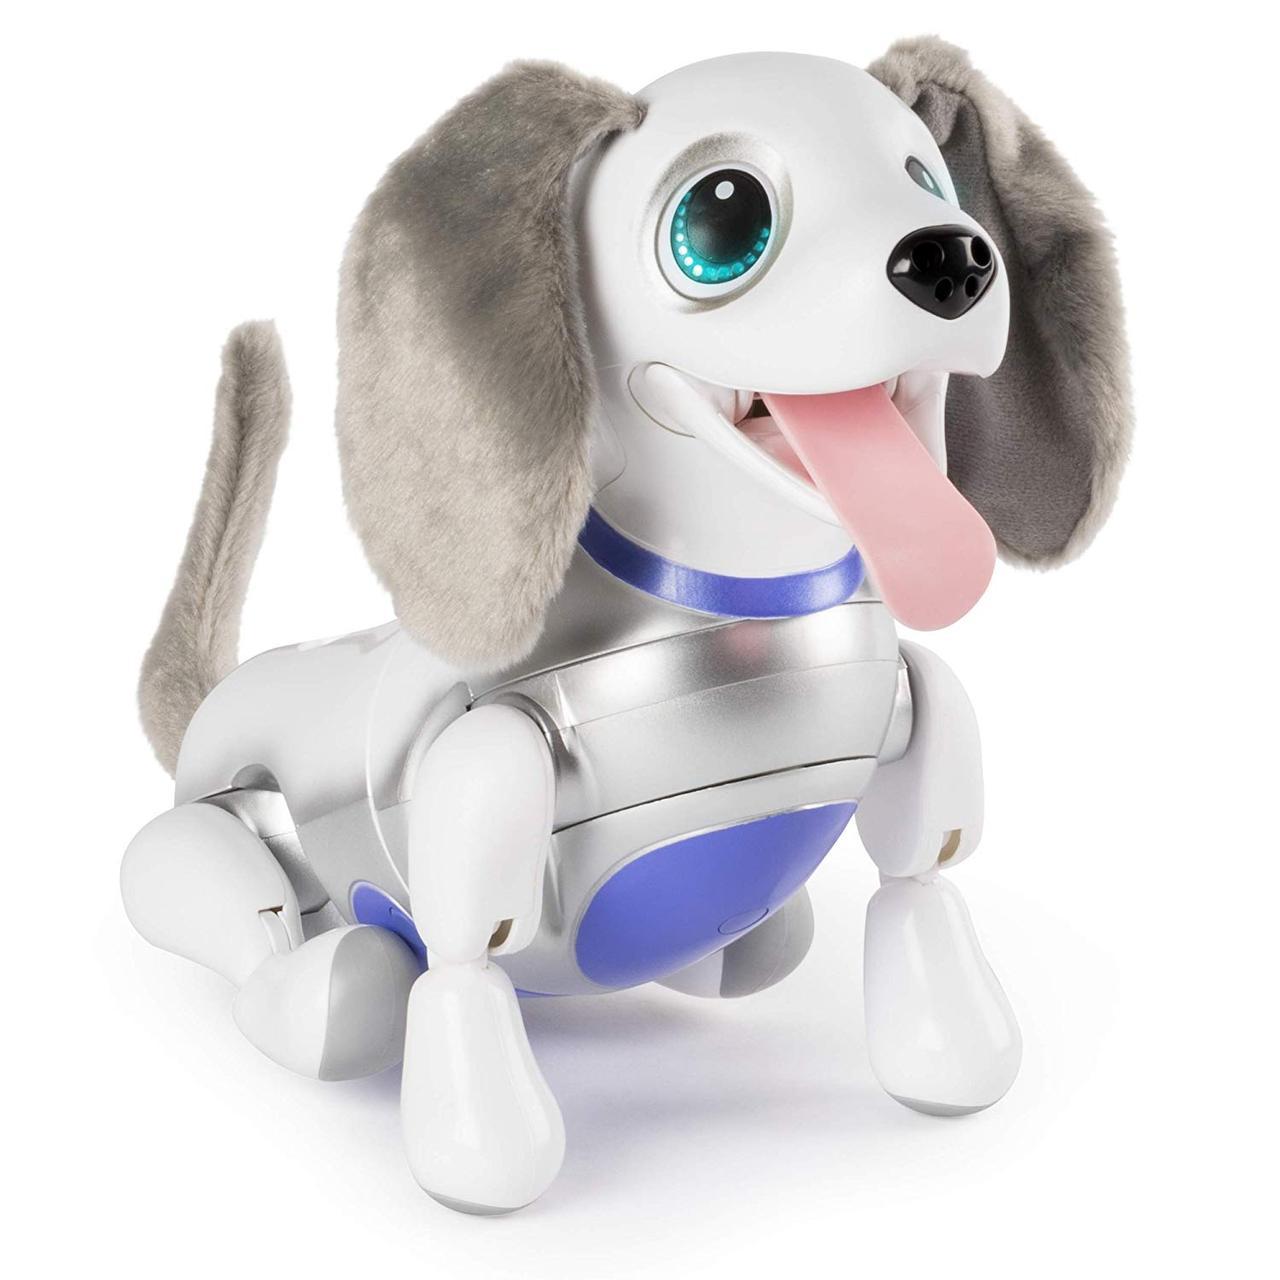 Интерактивный Роботизированный Щенок Оригинал Zoomer Playful Pup Responsive Robotic Dog